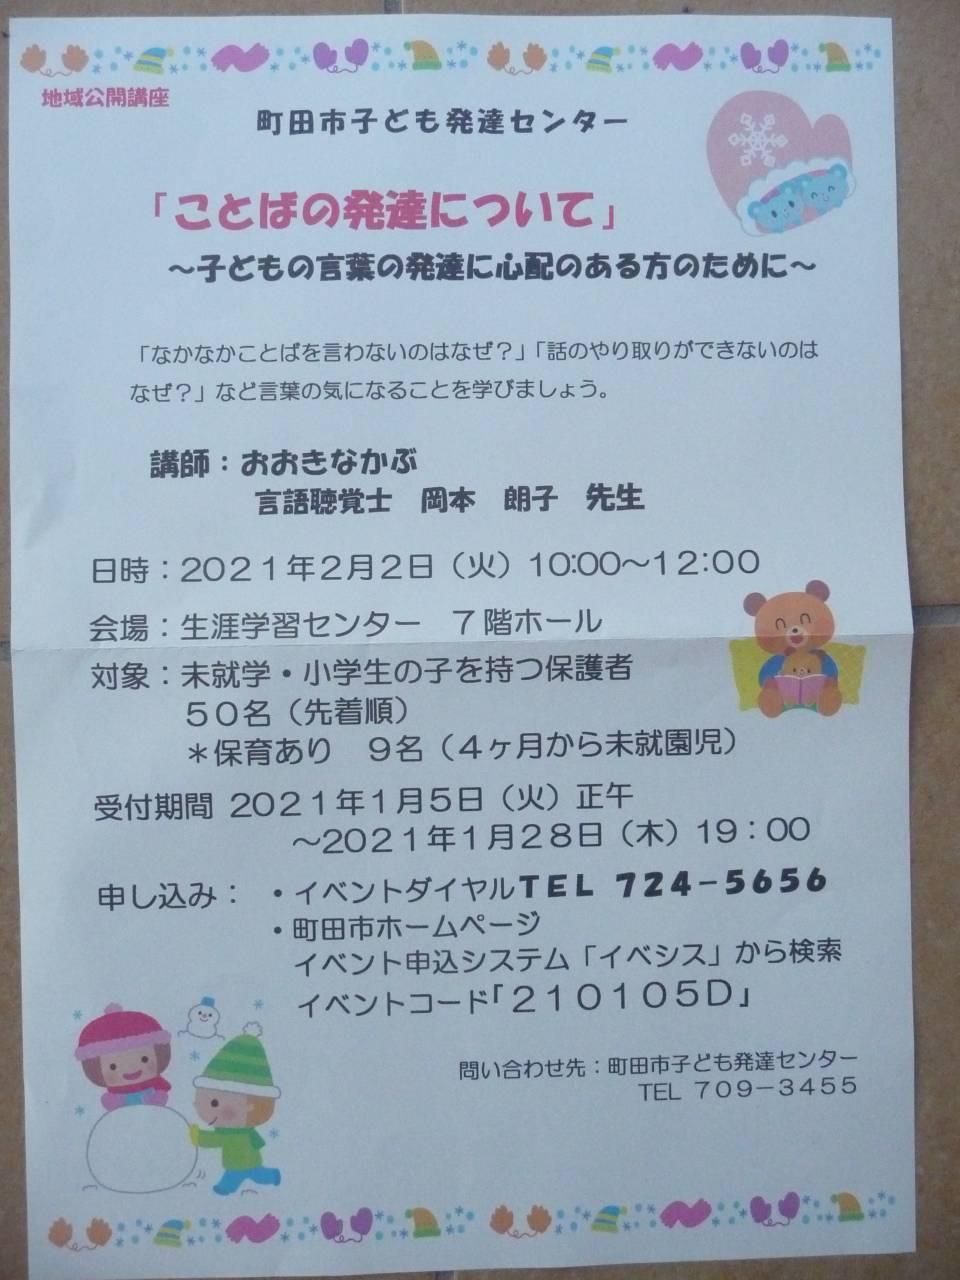 町田市子ども発達センターからのお知らせ